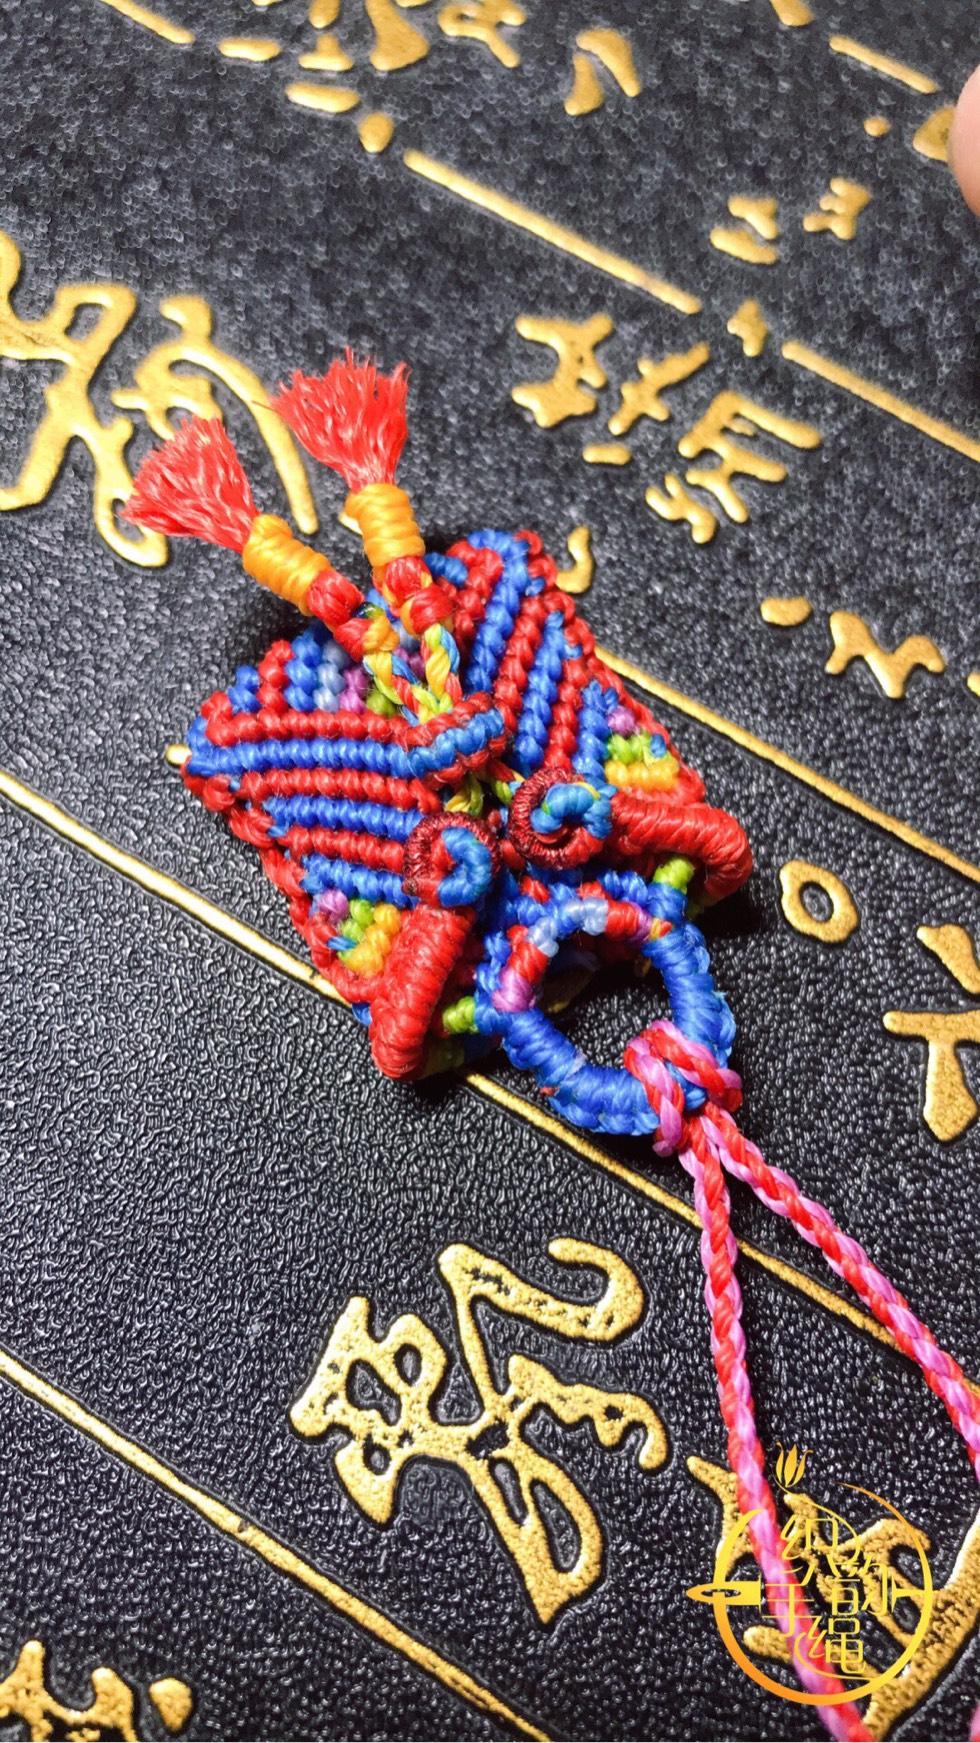 中国结论坛 祥云纳福小口袋,宝宝胎发首选! 包包,小挂件 作品展示 174055wfq4lm1zqrh0z1qz